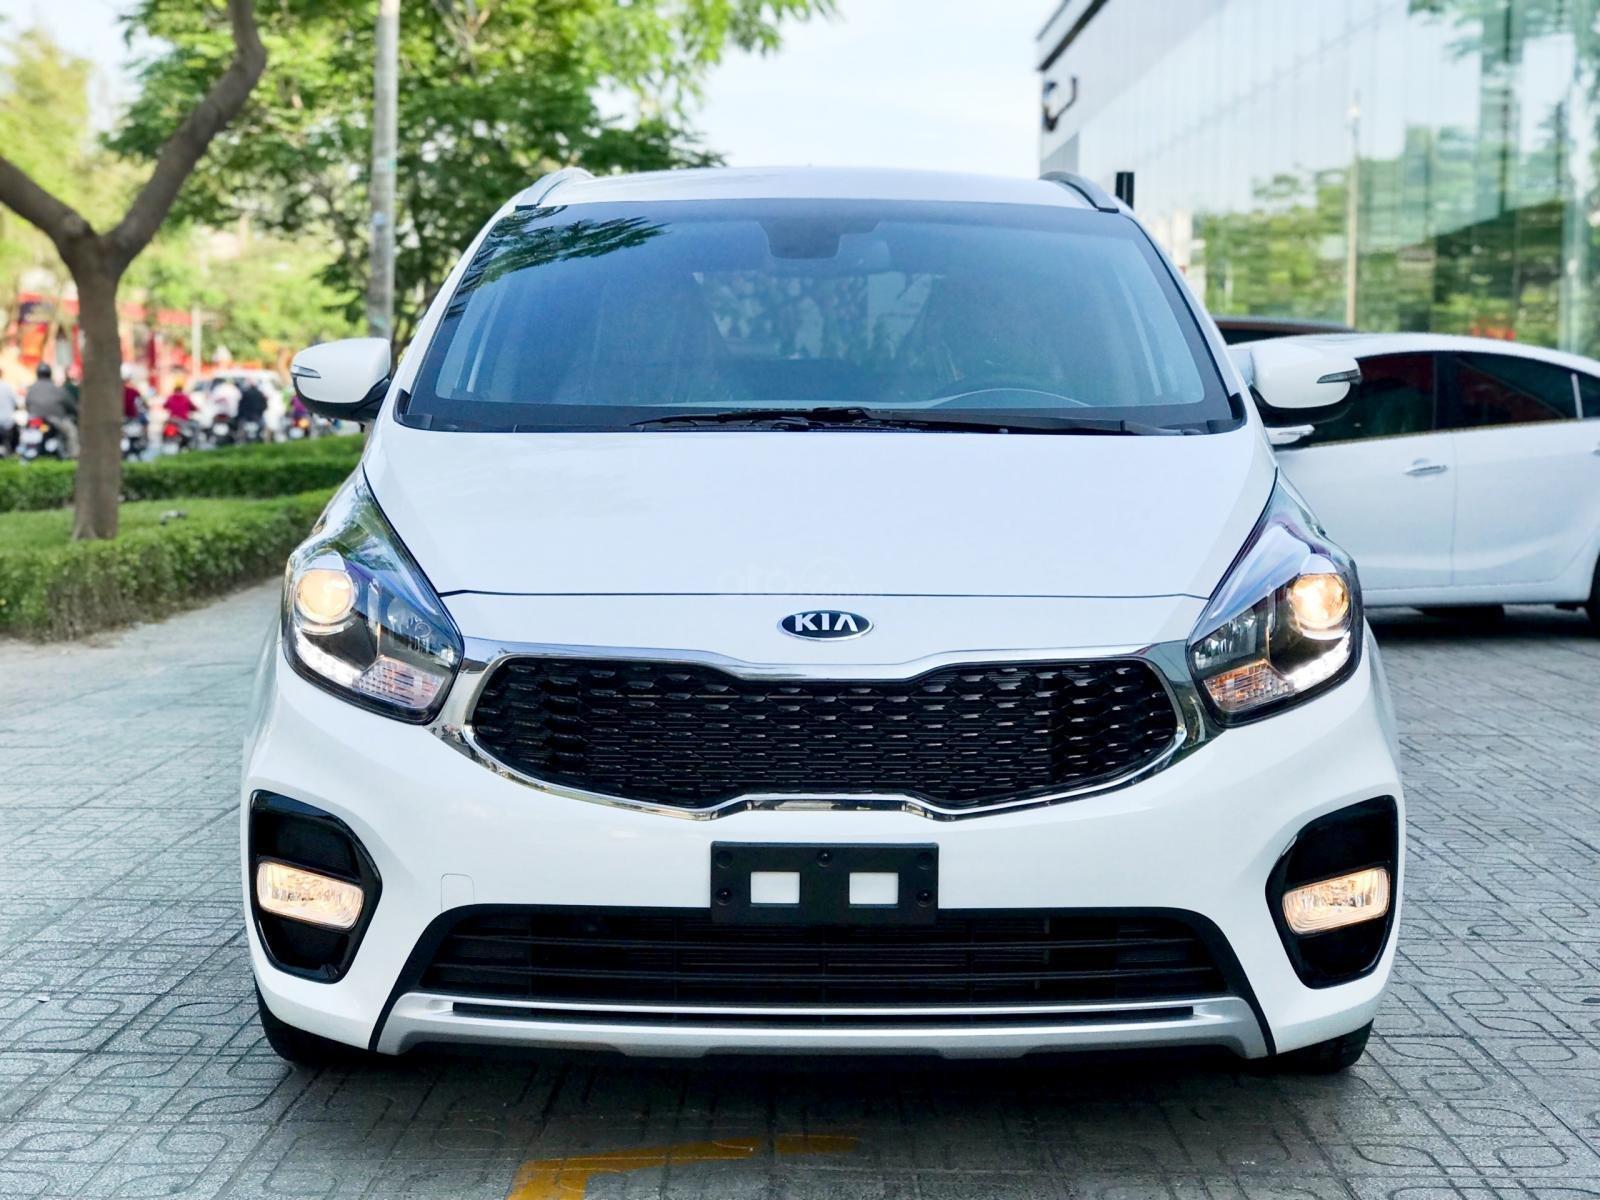 Kia Rondo 2019, Giảm giá + Tặng gói phụ kiện + đưa trước 200 triệu có xe. LH 0933920564 (1)